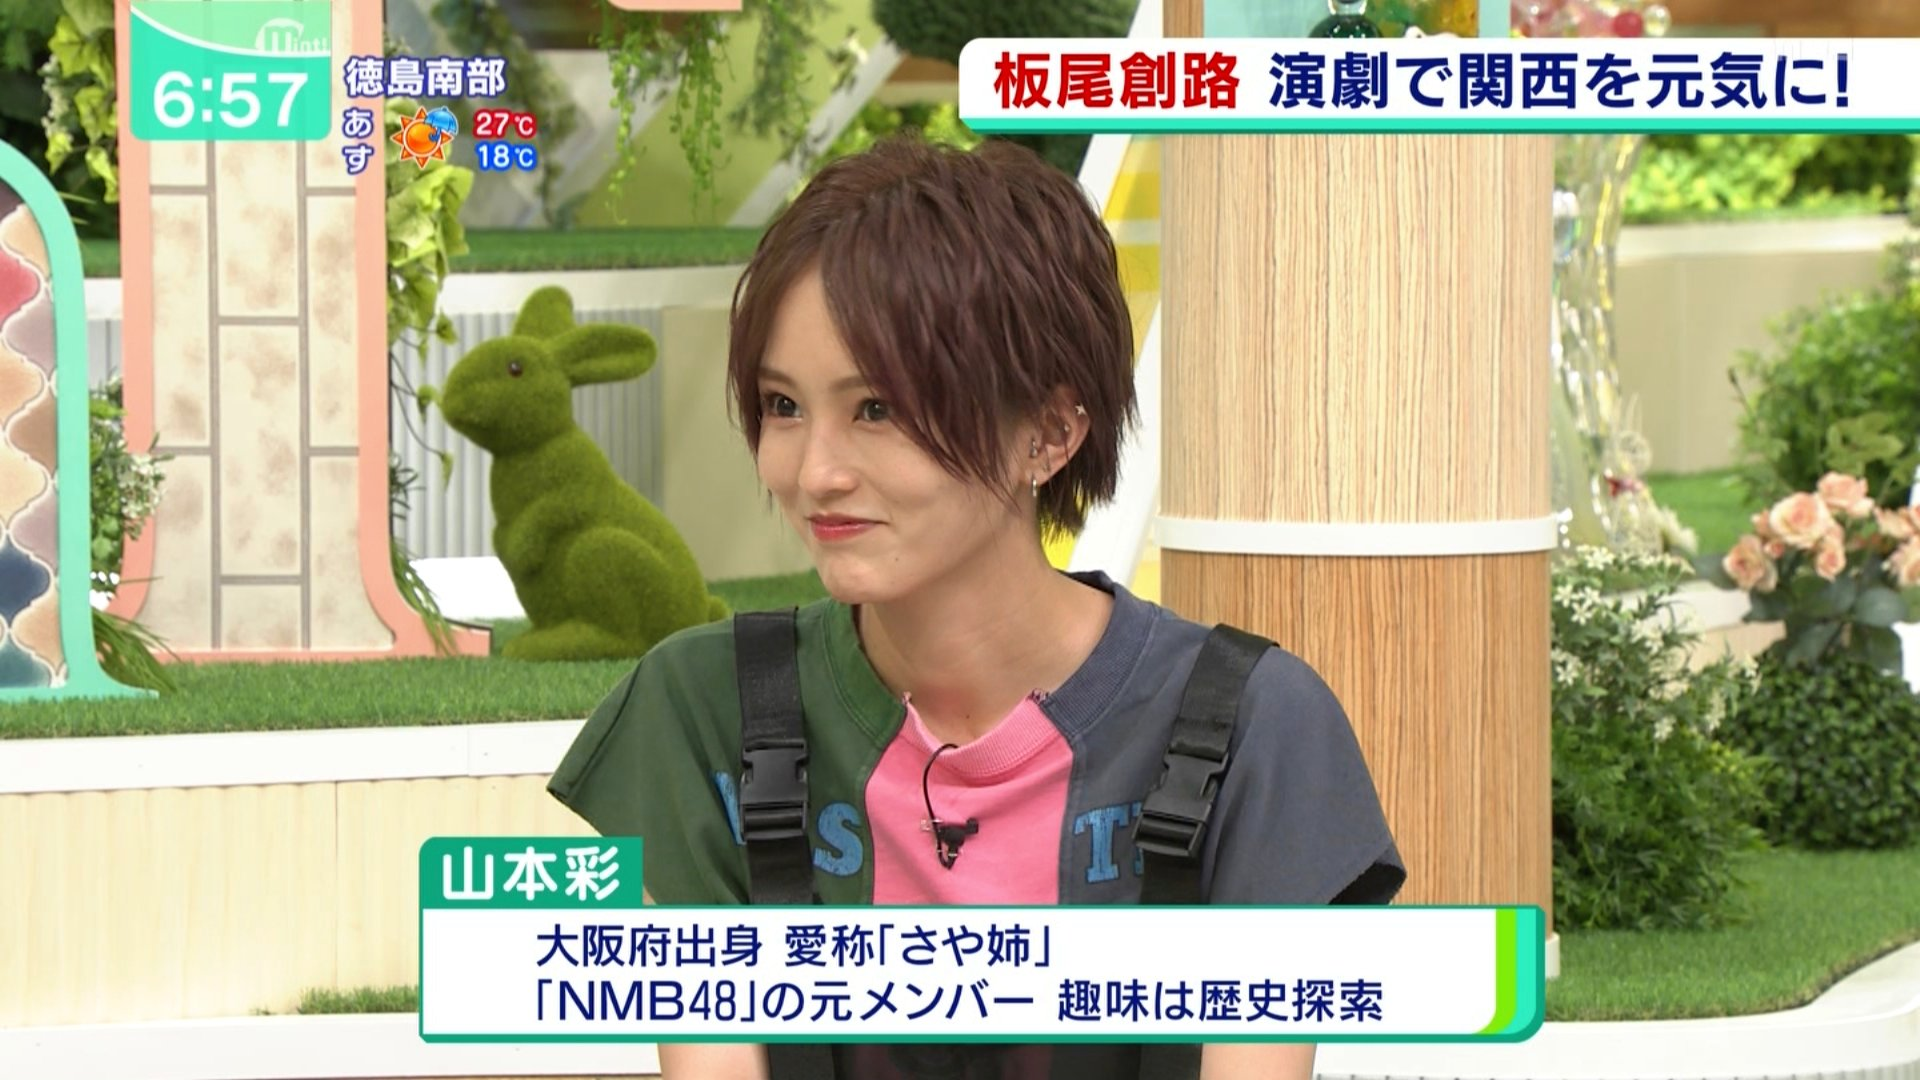 【山本彩】さや姉出演5月20日MBS「ミント!」の画像。